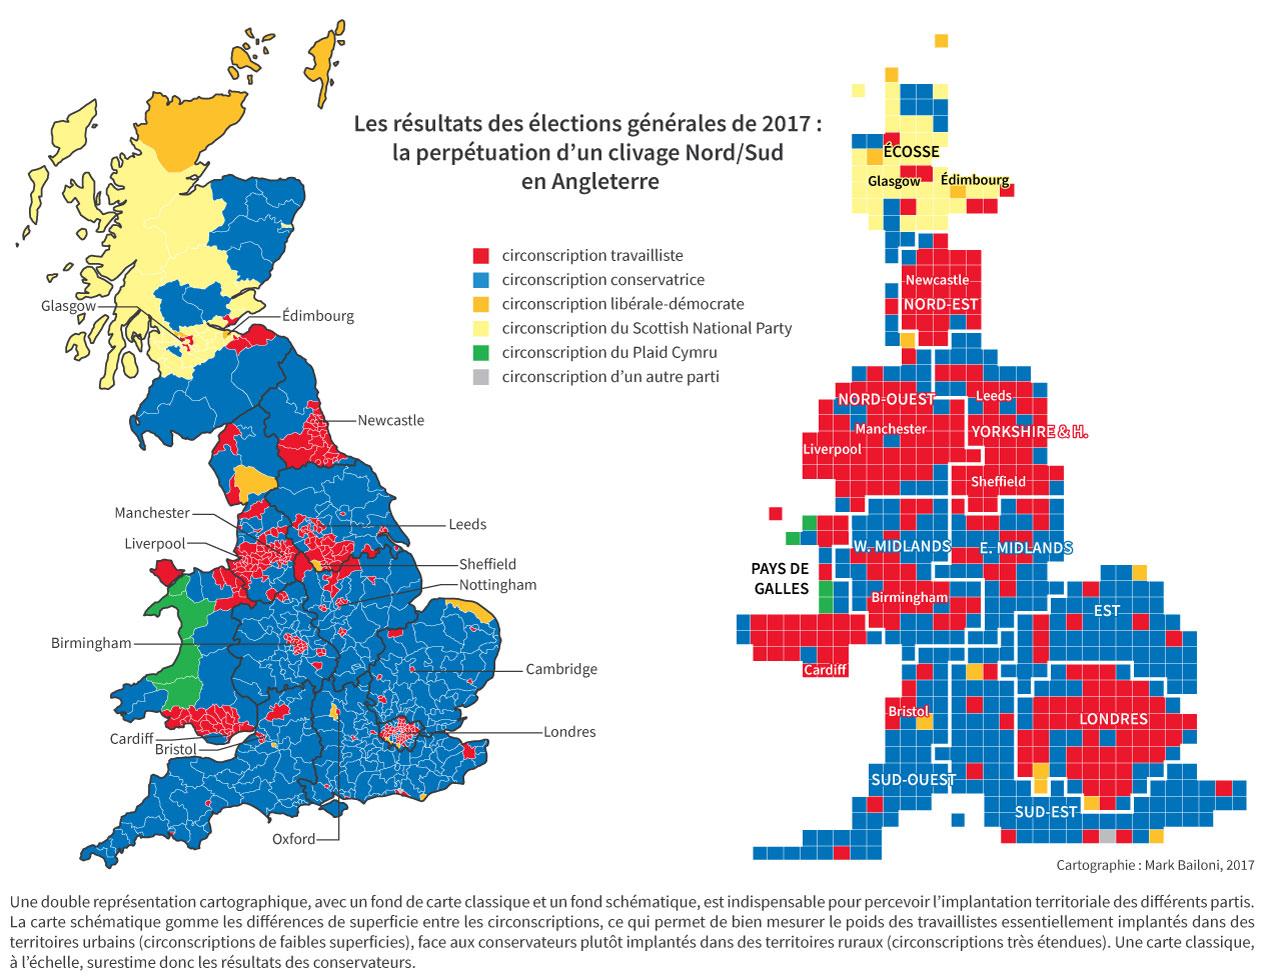 résultats des élections générales : clivage Nord/Sud